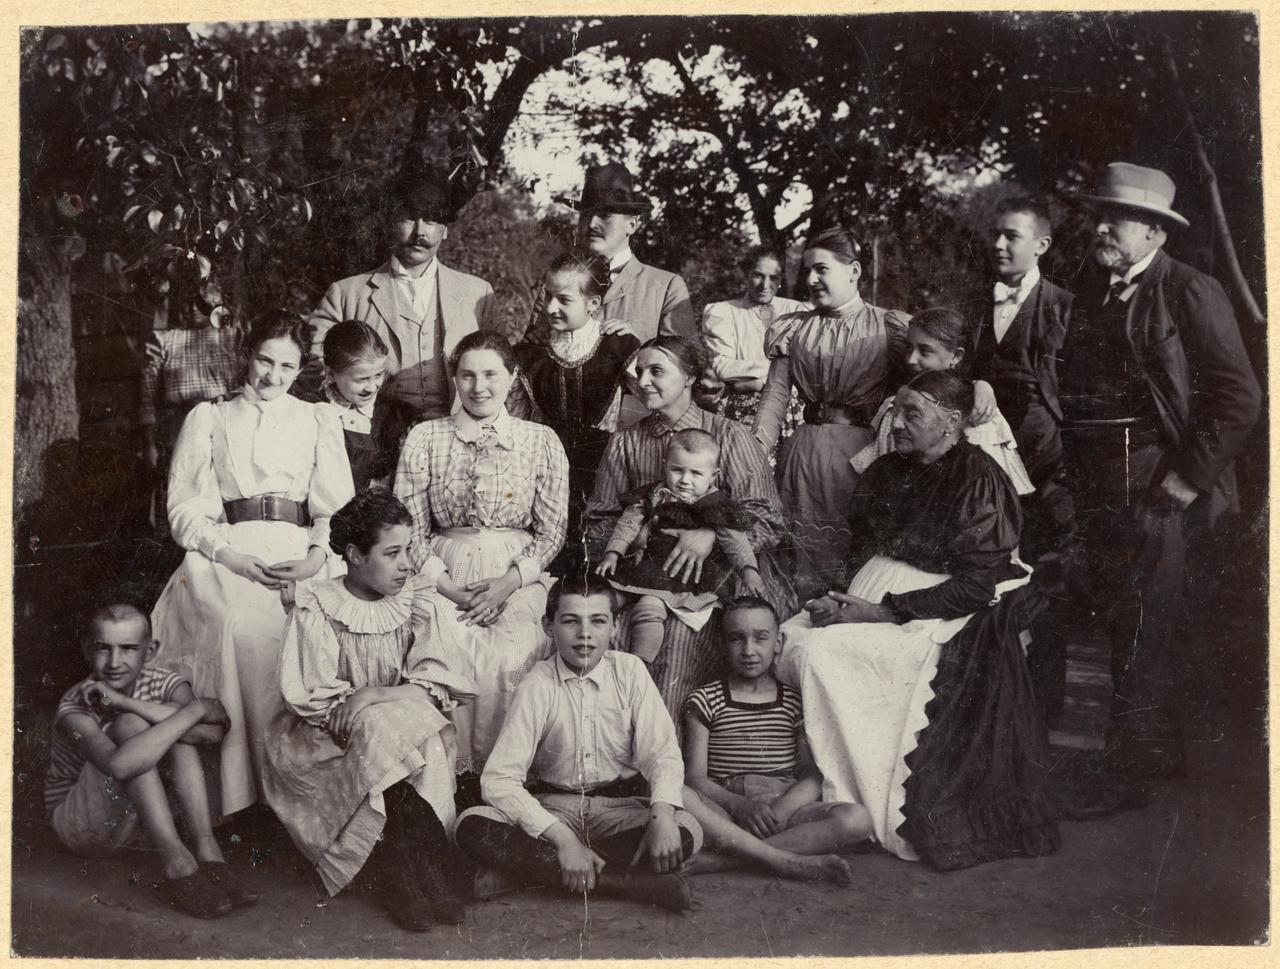 Csáth Géza családjával. Csáth bal oldalt a földön ül, Kosztolányi Dezső jobbra az álló sor végén látható, fehér nyakkendőben, 1900